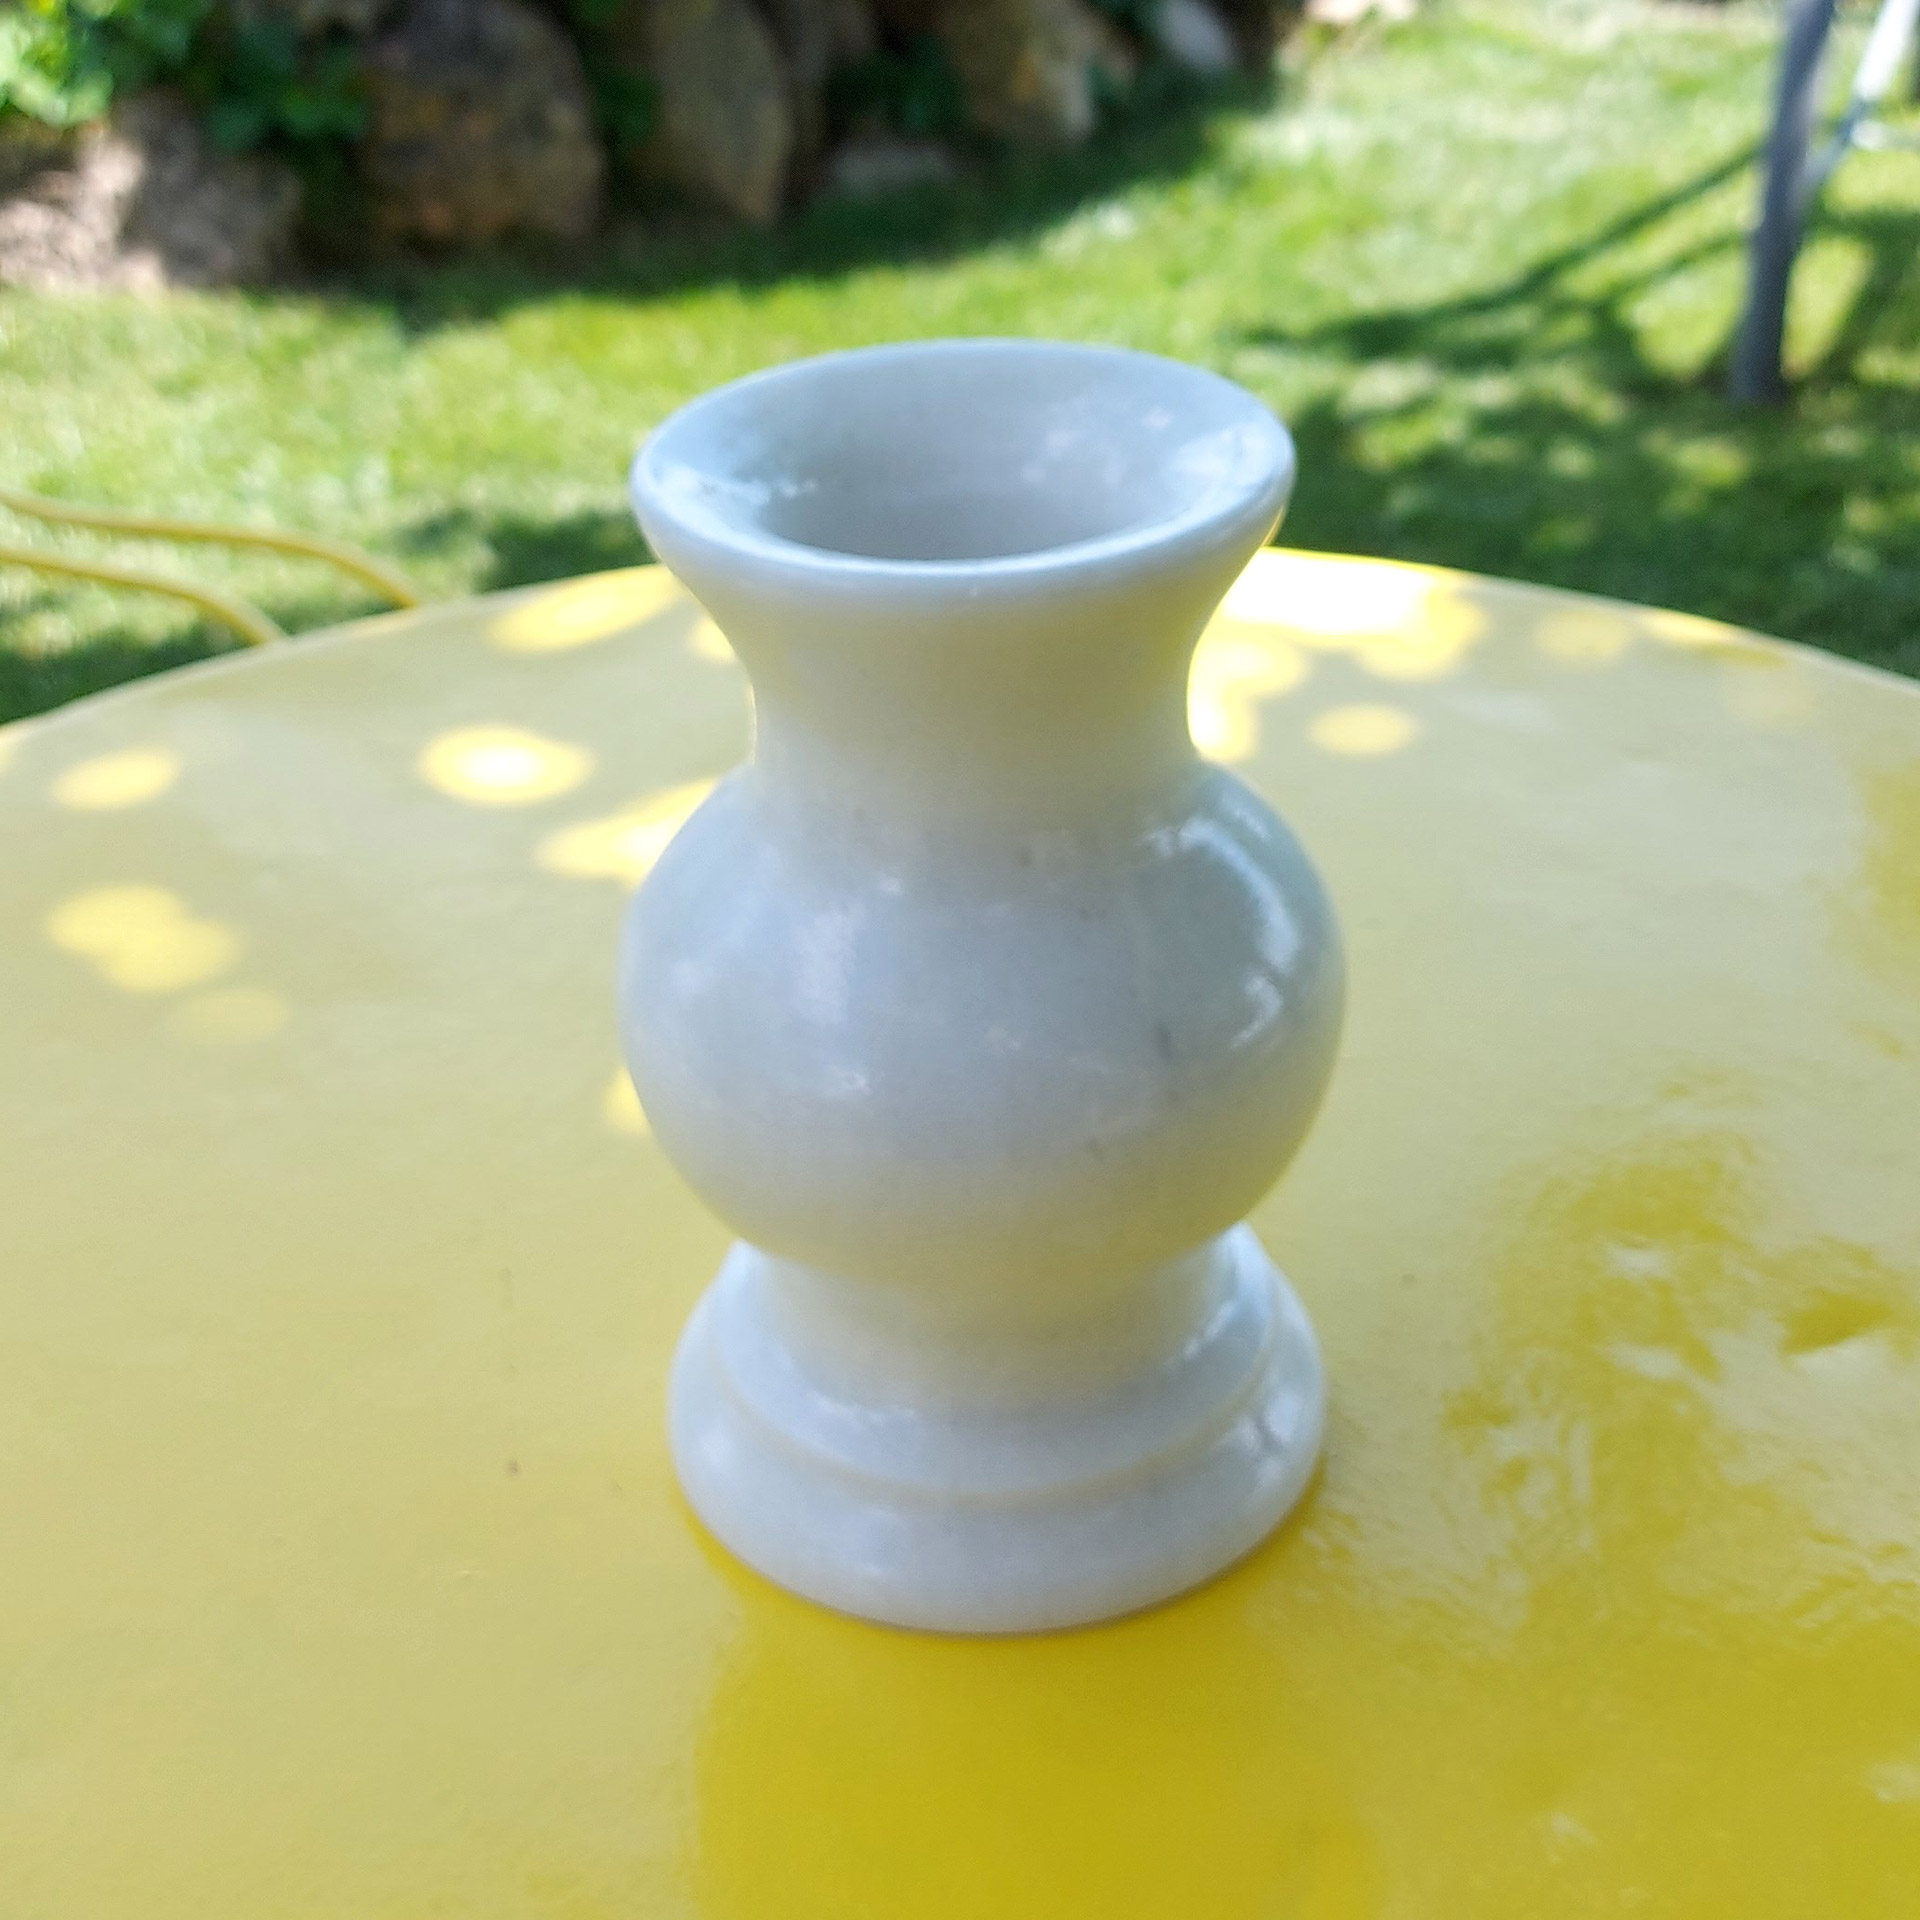 Μαρμάρινο βάζο Αμαρυλλίς σε τραπέζι κήπου